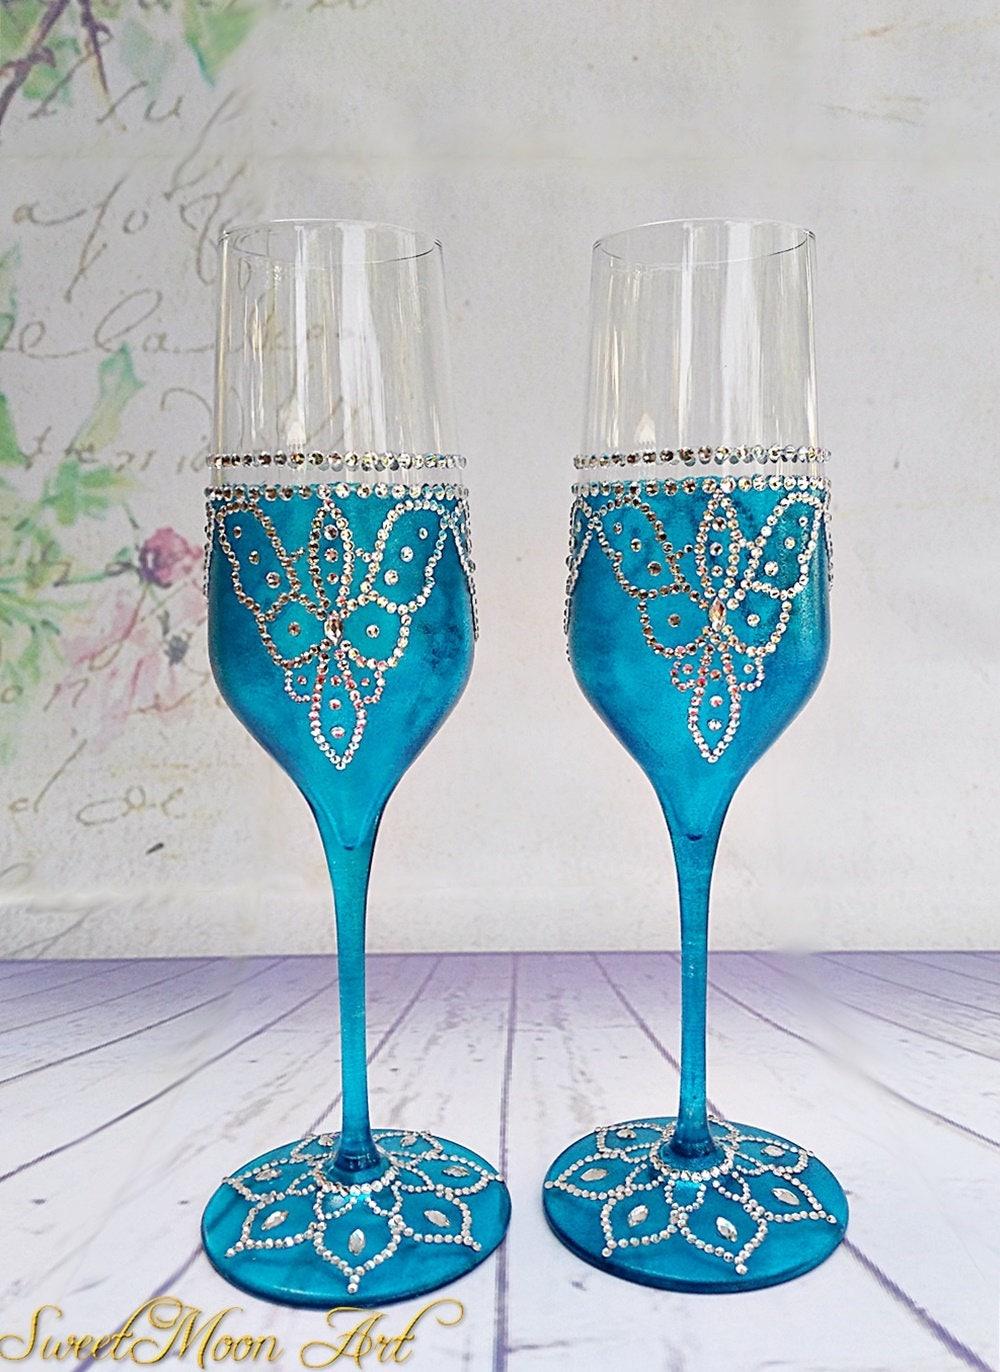 Copas Para Boda Azul Copas De Champagne Flautas Champagne # Champagne Muebles Uy